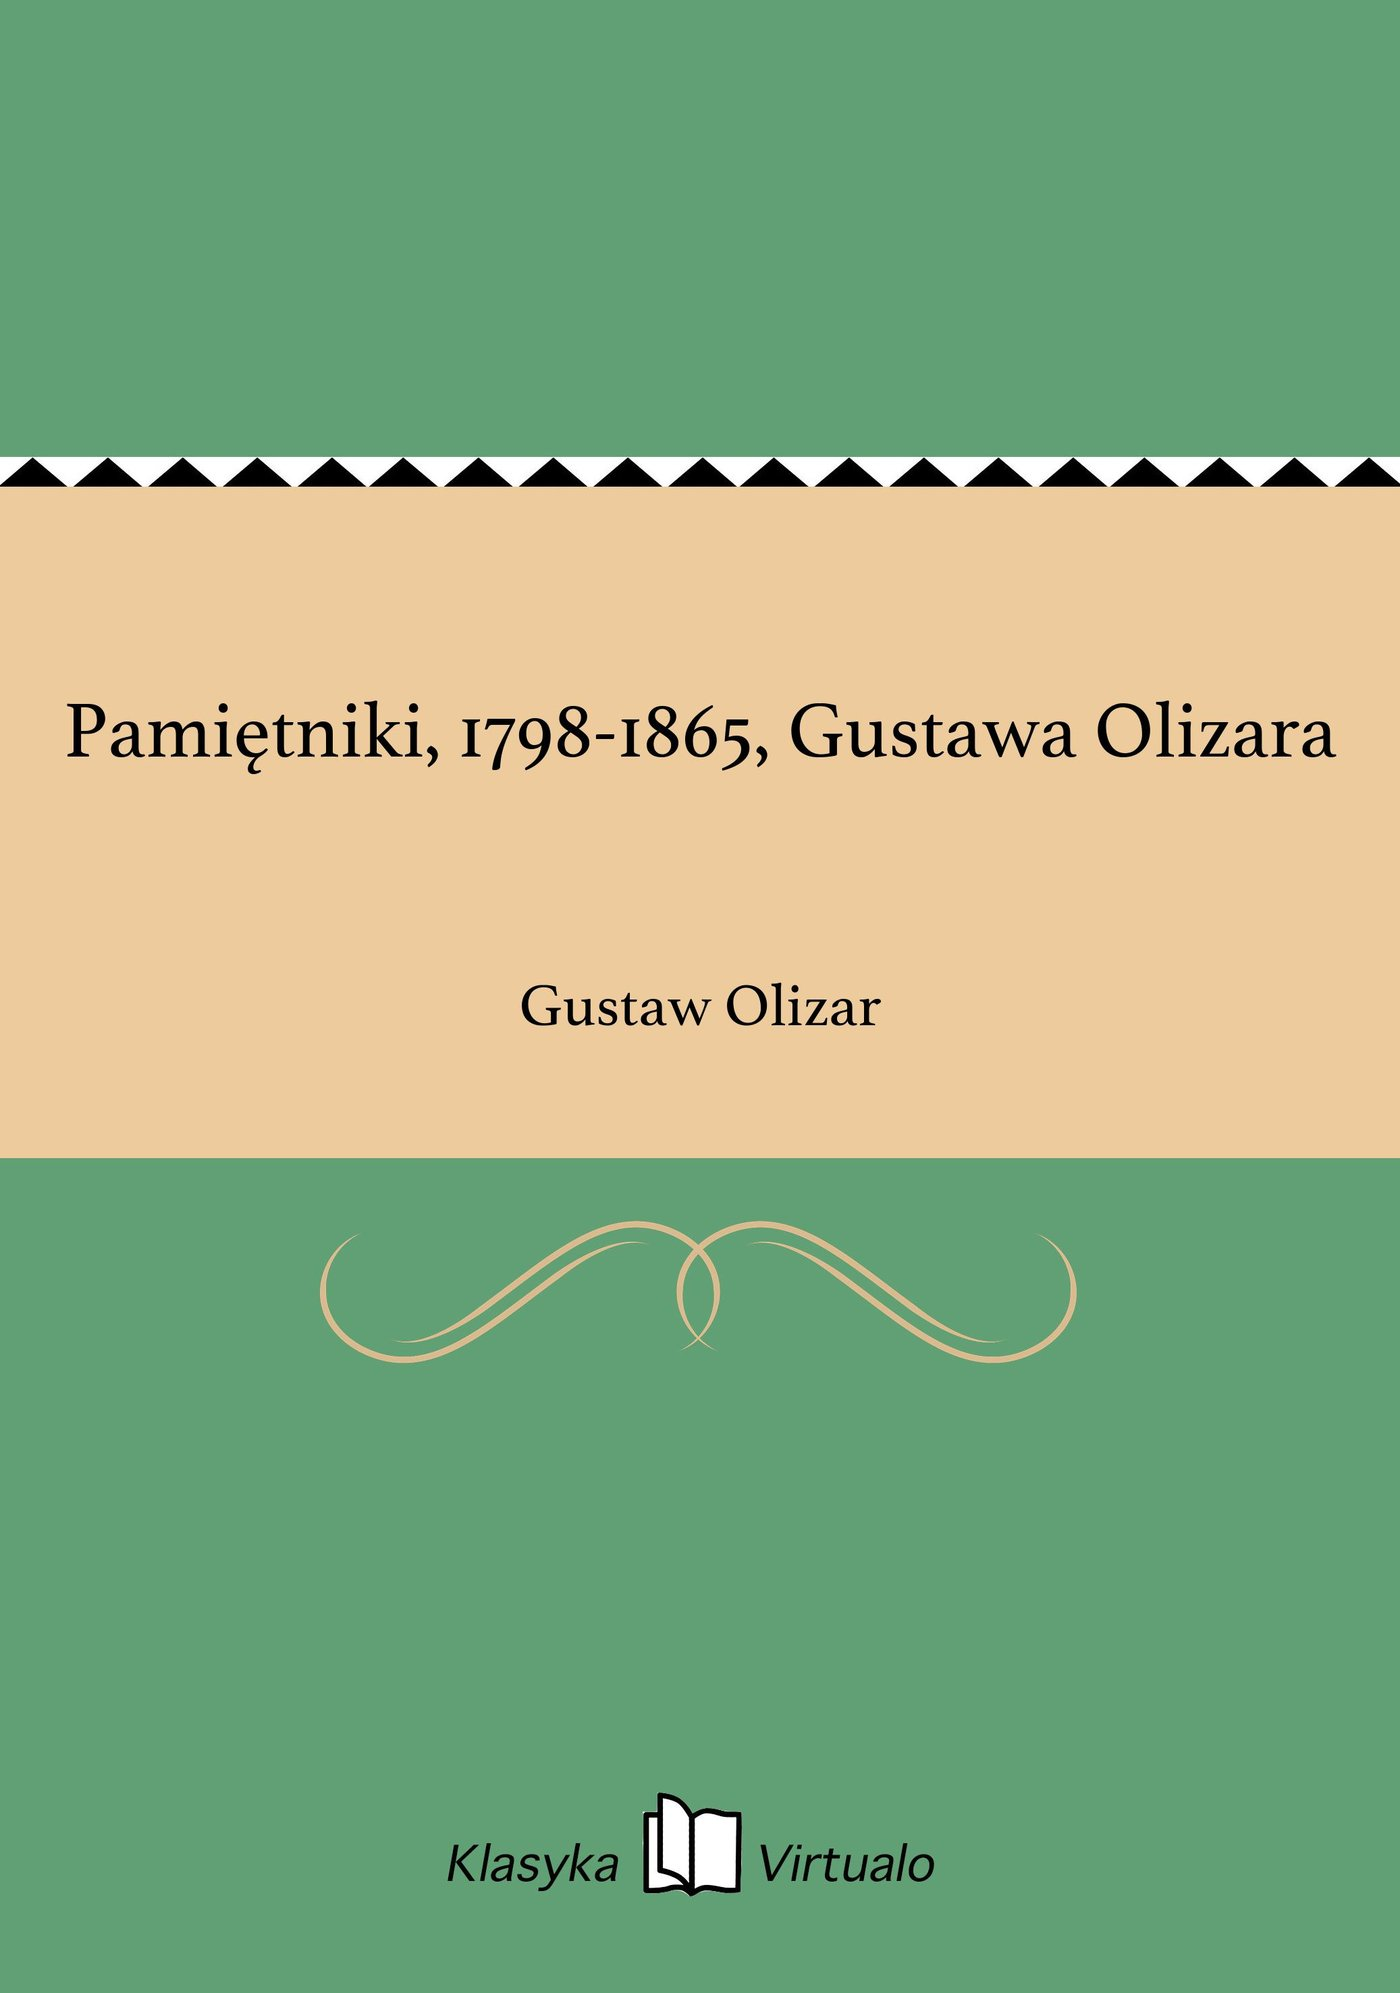 Pamiętniki, 1798-1865, Gustawa Olizara - Ebook (Książka na Kindle) do pobrania w formacie MOBI